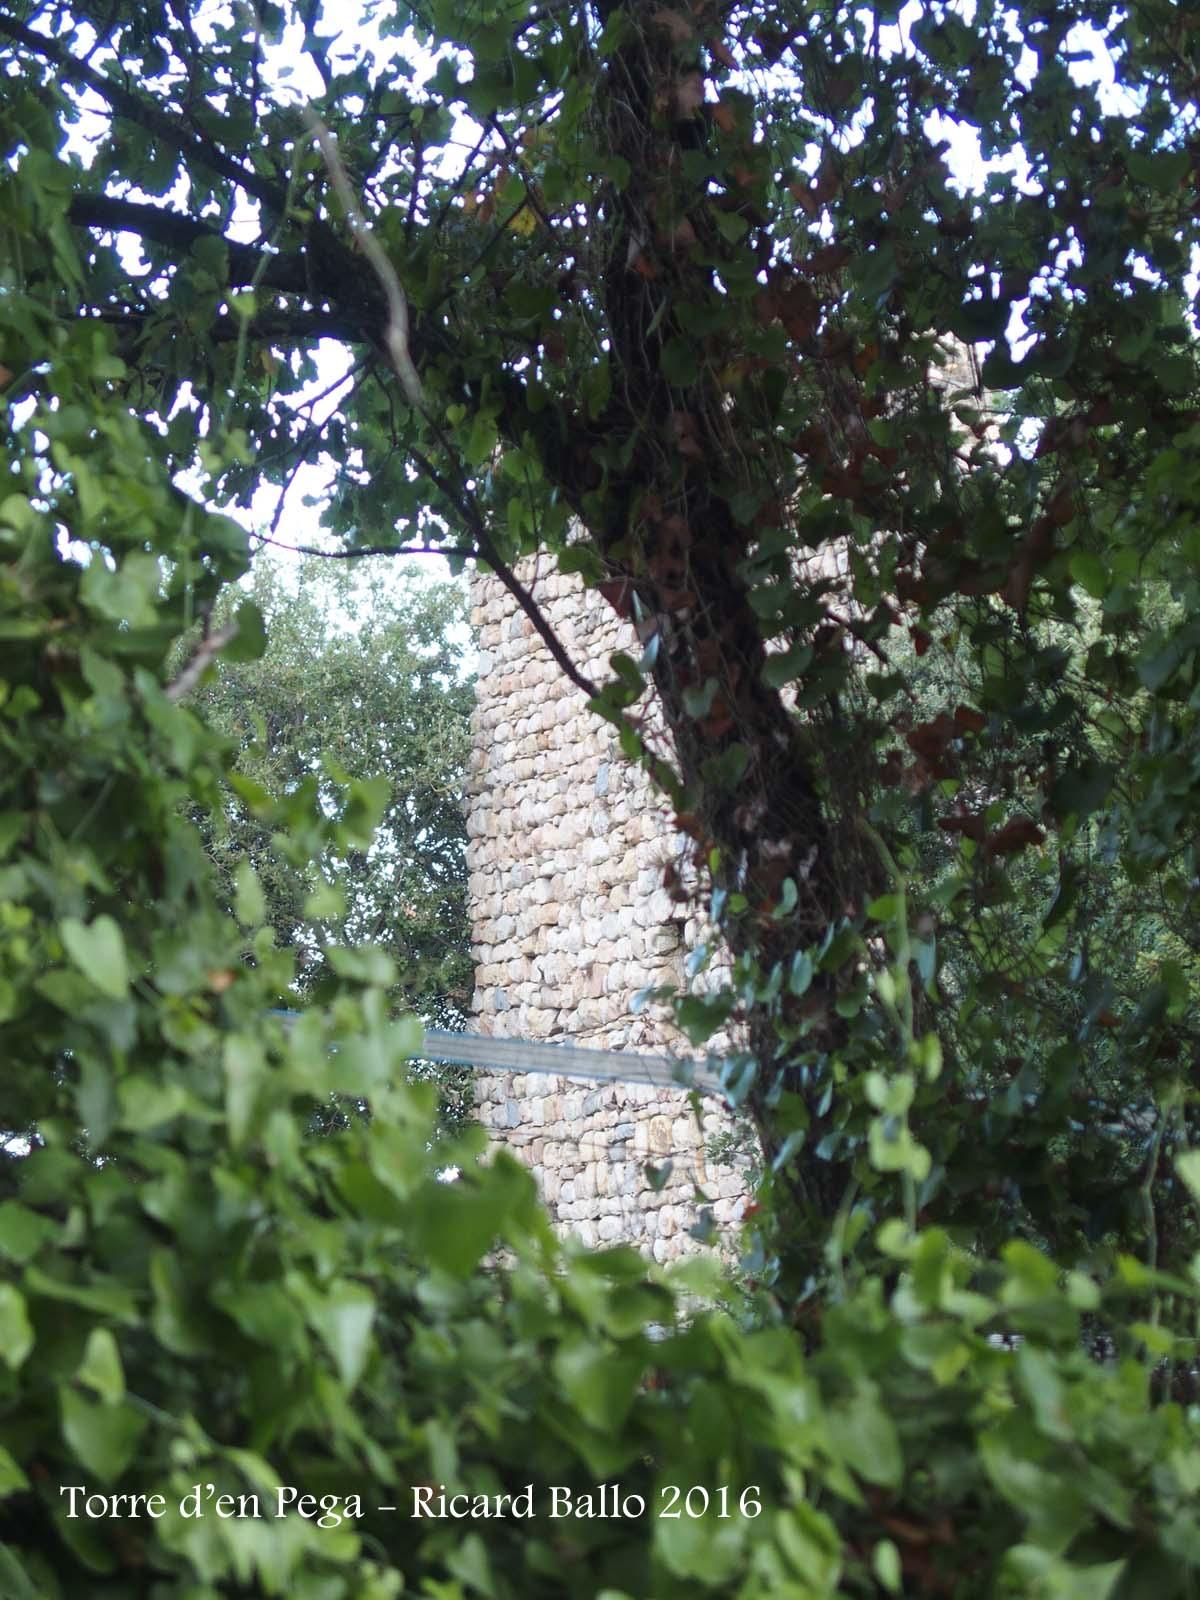 Torre d'en Pega – Riells i Viabrea - Fotografia obtinguda passant l'objectiu de la màquina de fotografiar entre mig del filat de la porta d'entrada a la finca